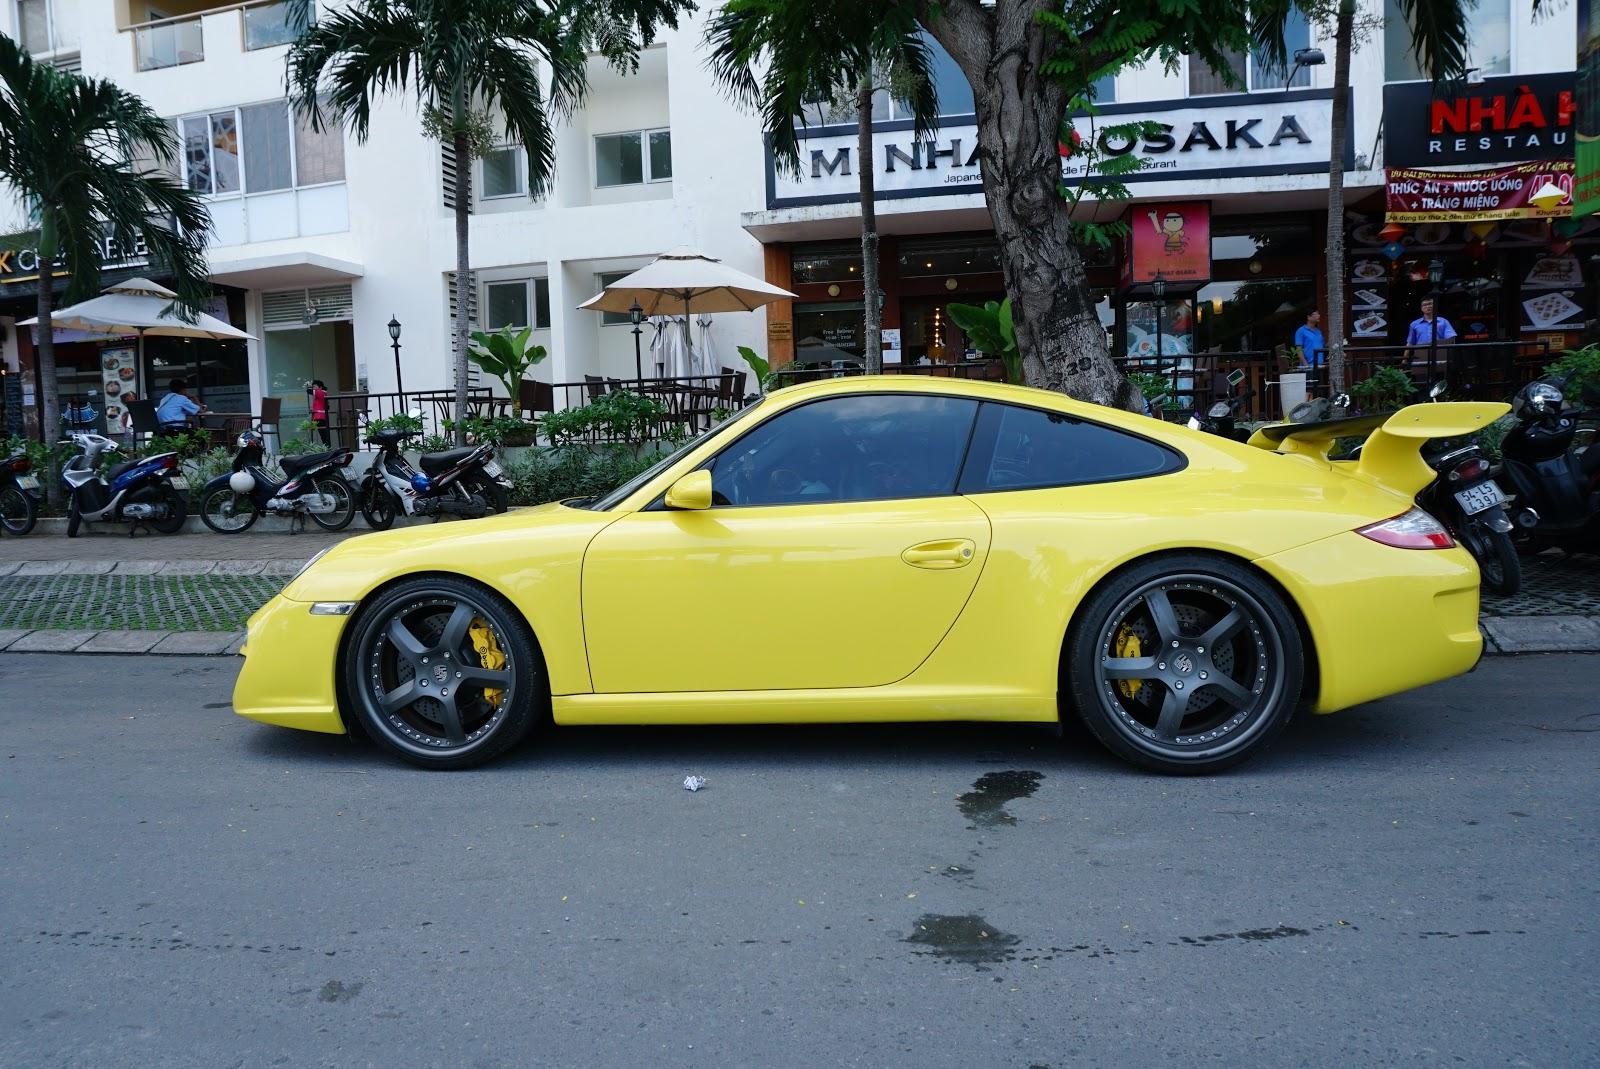 Chiếc Porsche 911 V-GT này có vẻ ngoài vàng khè, bắt mắt